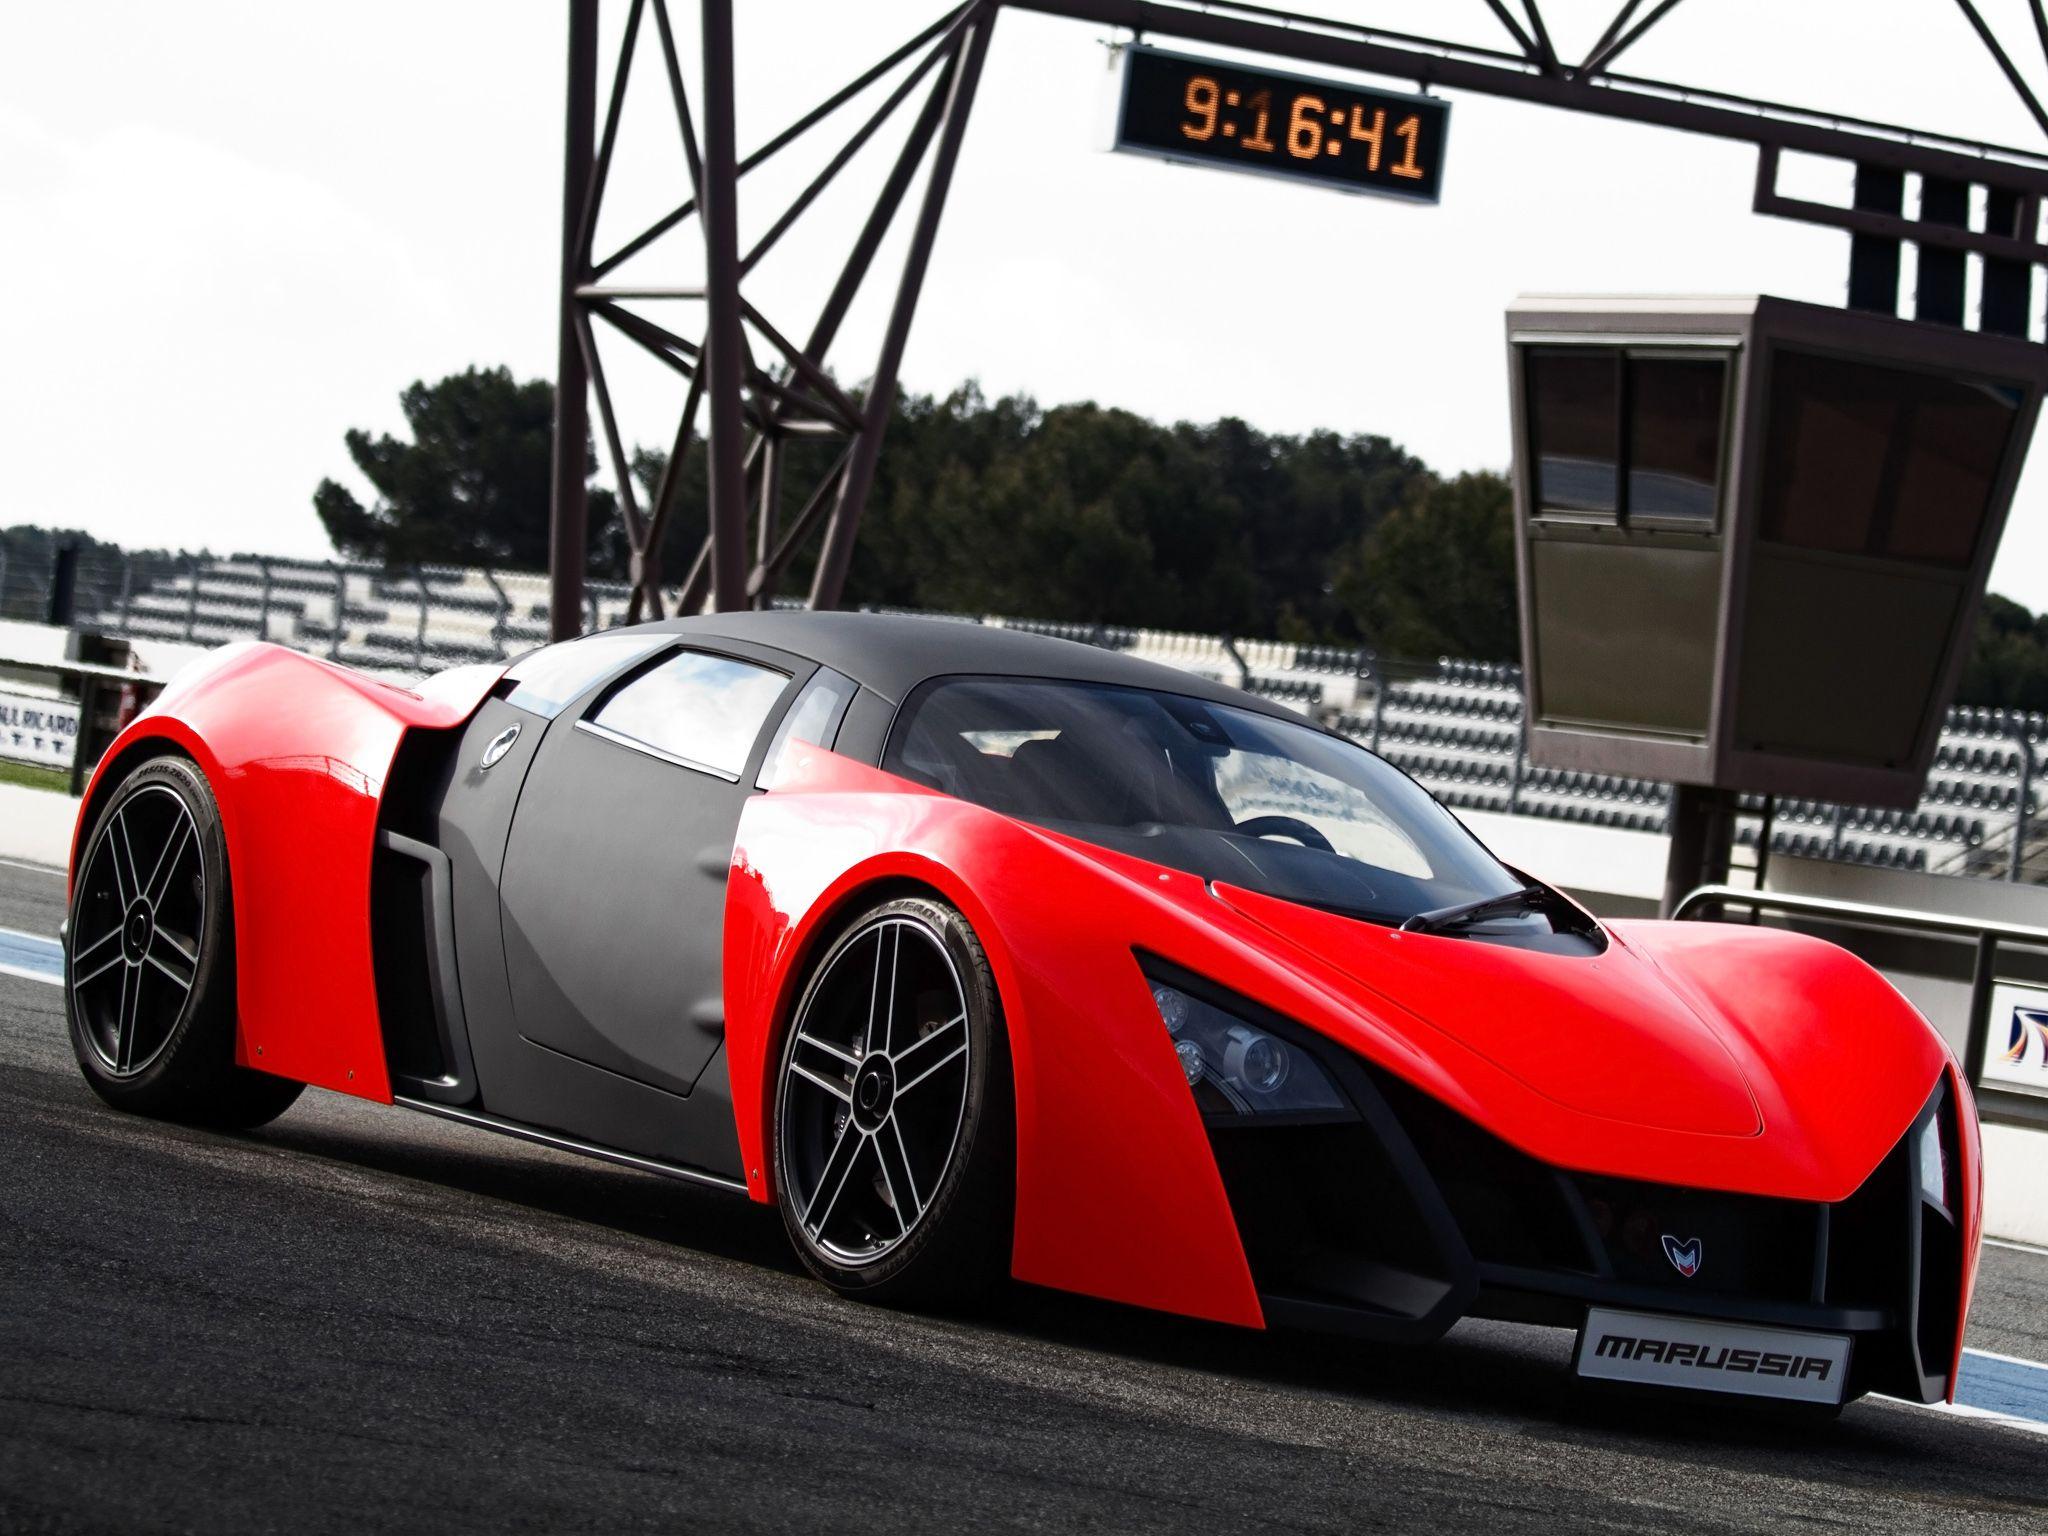 Marussia B2 | Red sports car, Sports car wallpaper, Sports car